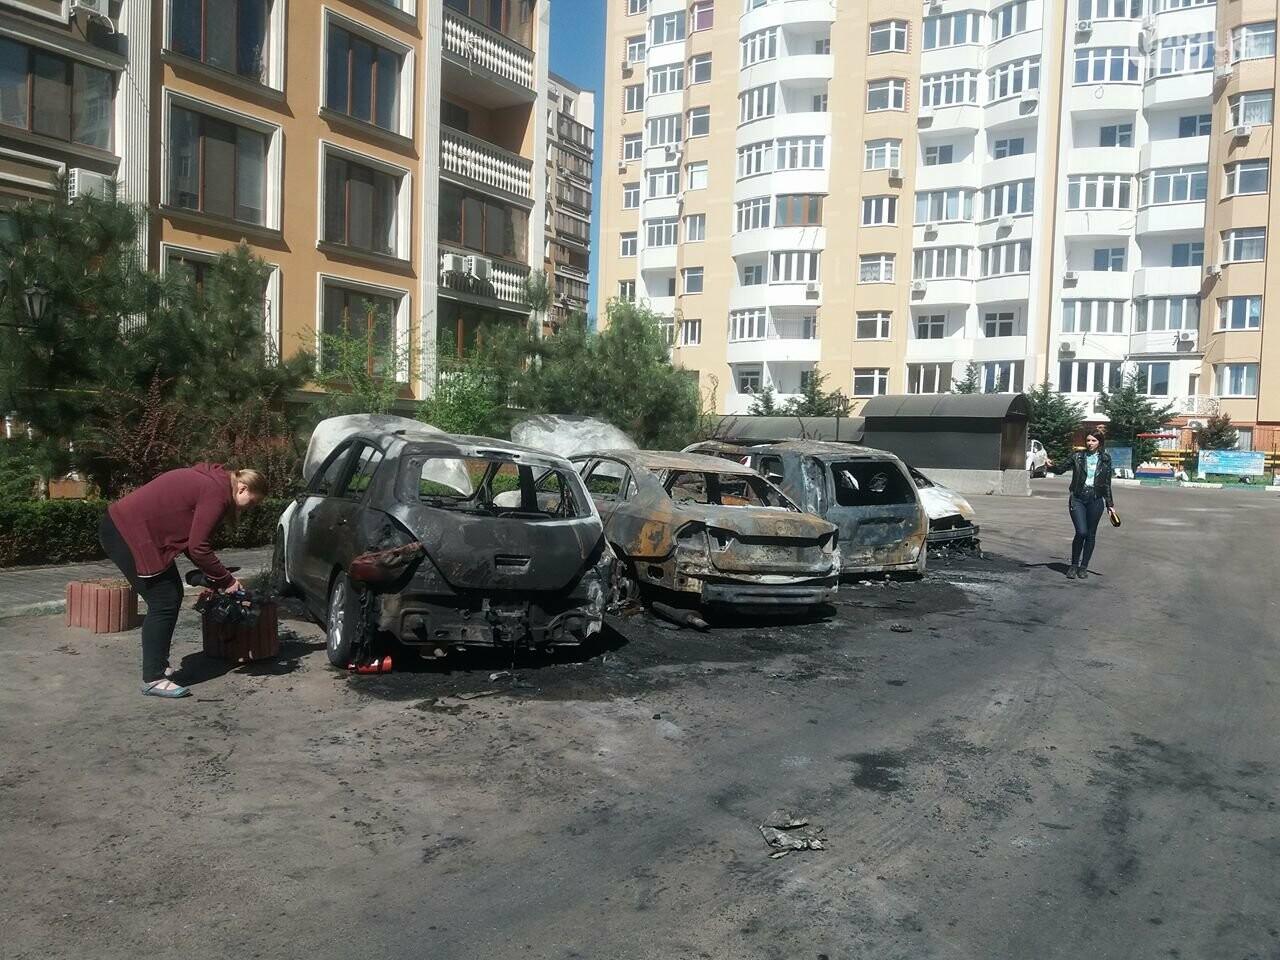 Сгоревшие авто на утро после пожара: что говорят одесситы (ФОТО, ВИДЕО), фото-13